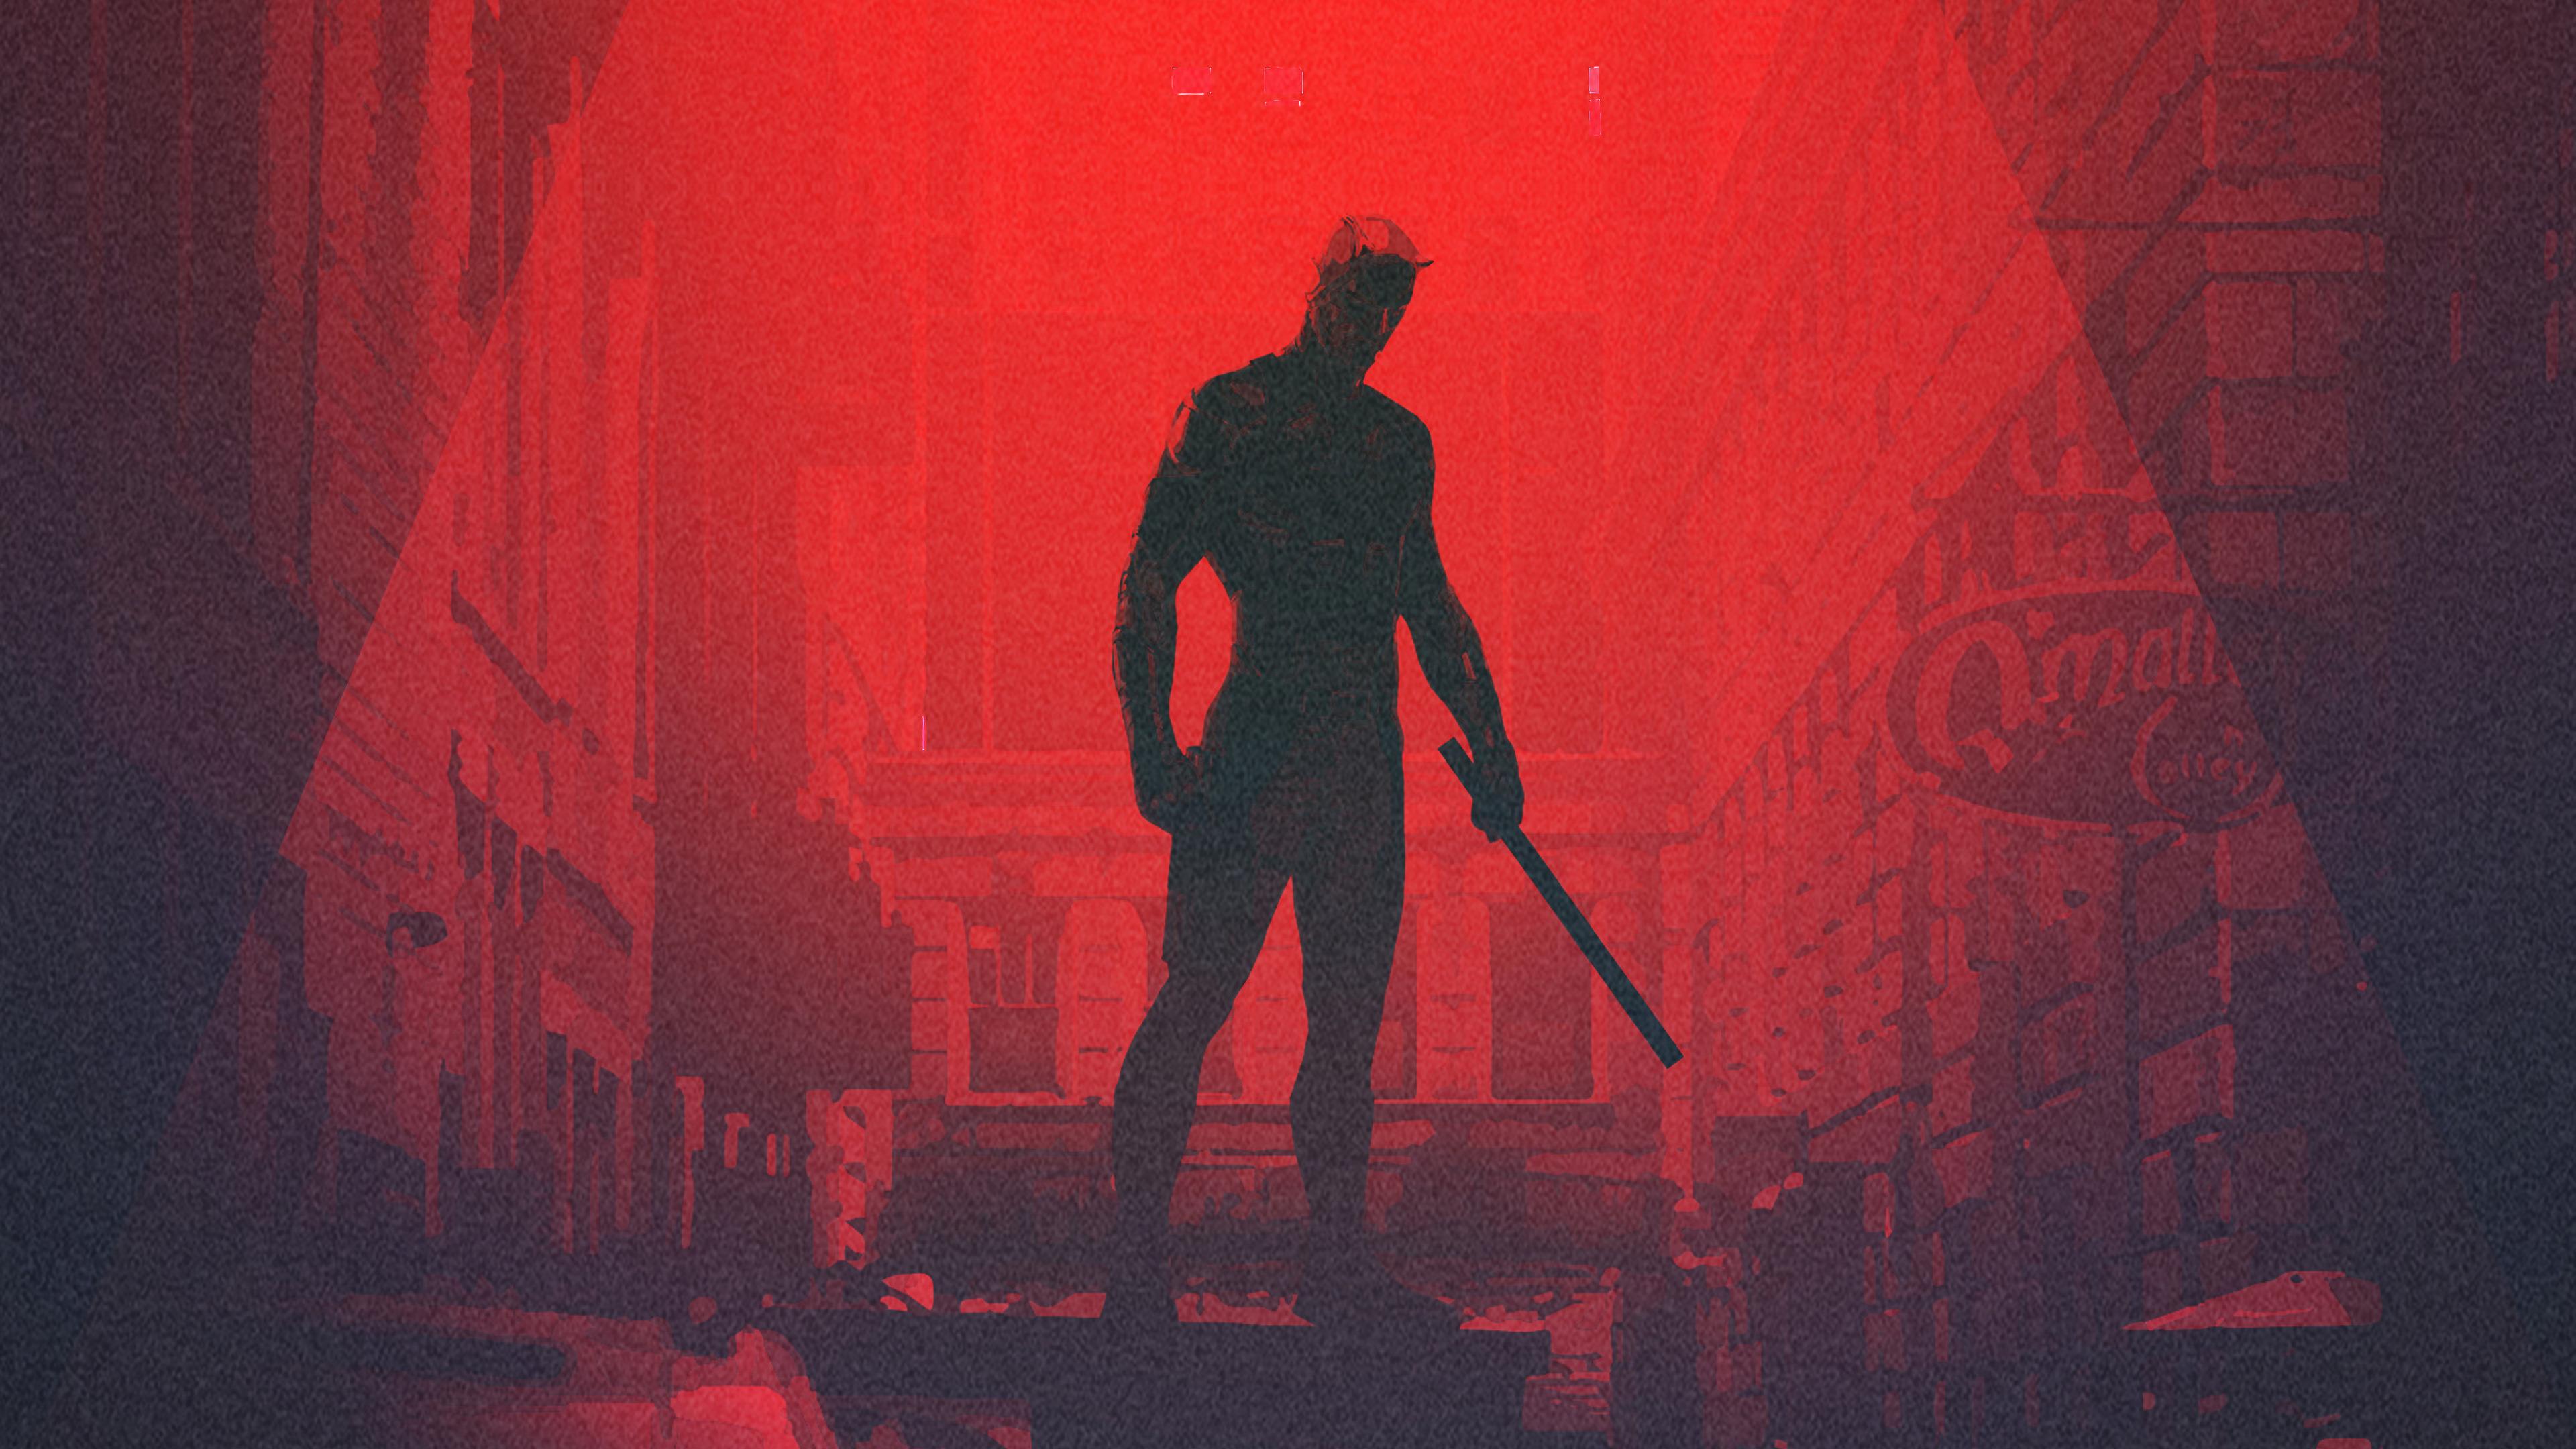 Daredevil 4k Wallpaper 209